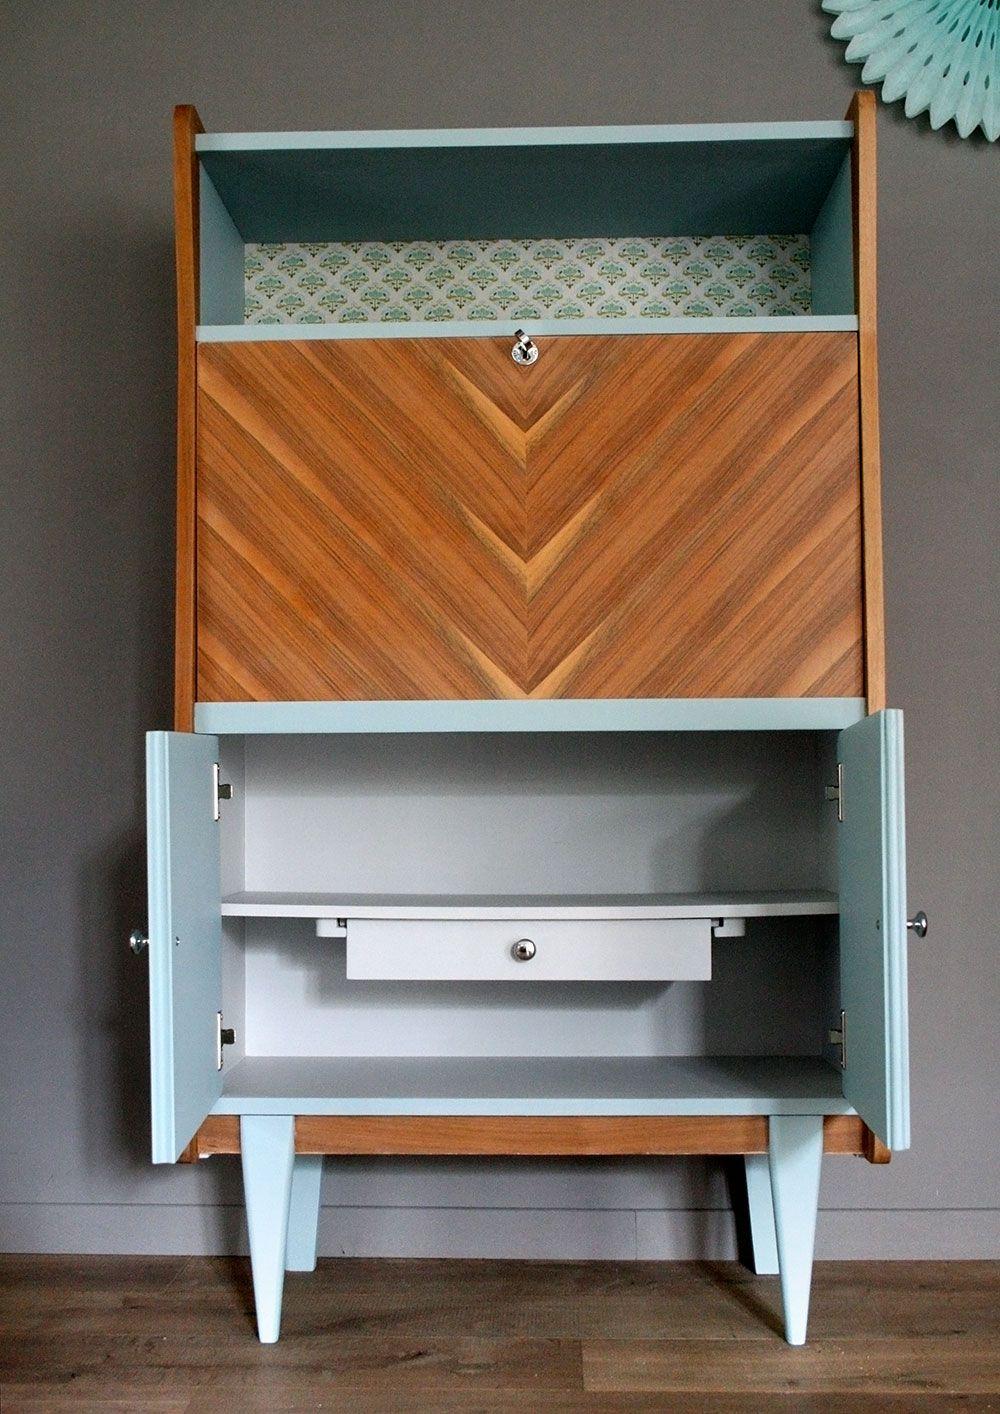 meubles secretaire vintage octave img 7 r nov s upcycled. Black Bedroom Furniture Sets. Home Design Ideas